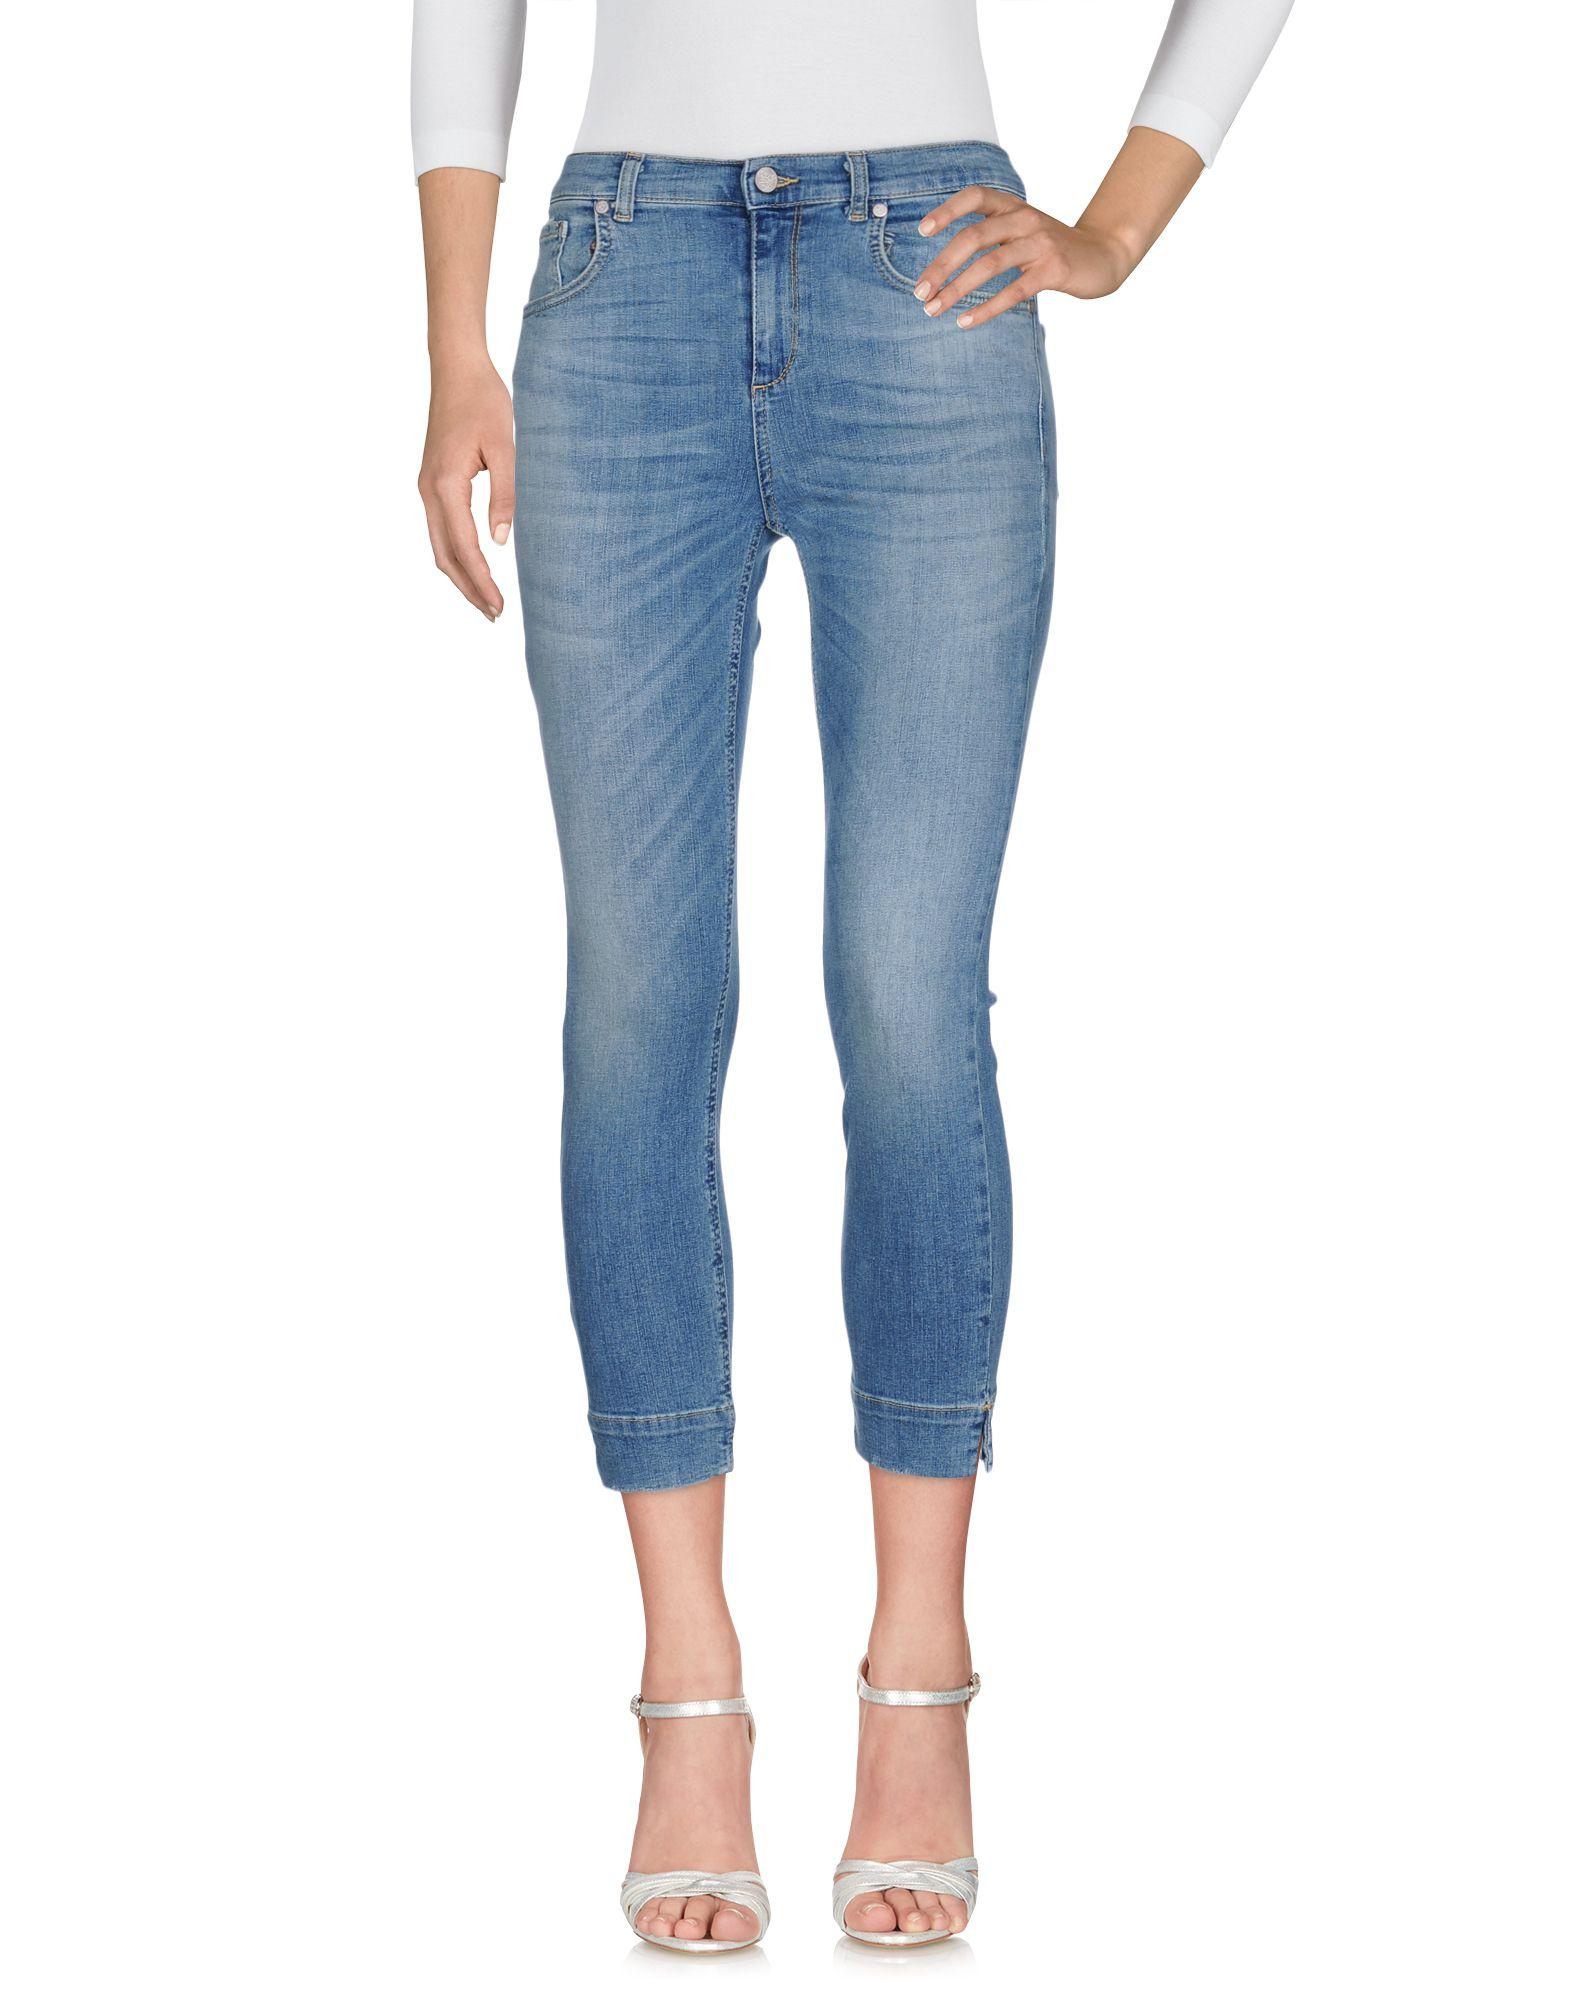 TWENTY EASY by KAOS Damen Jeanshose Farbe Blau Größe 6